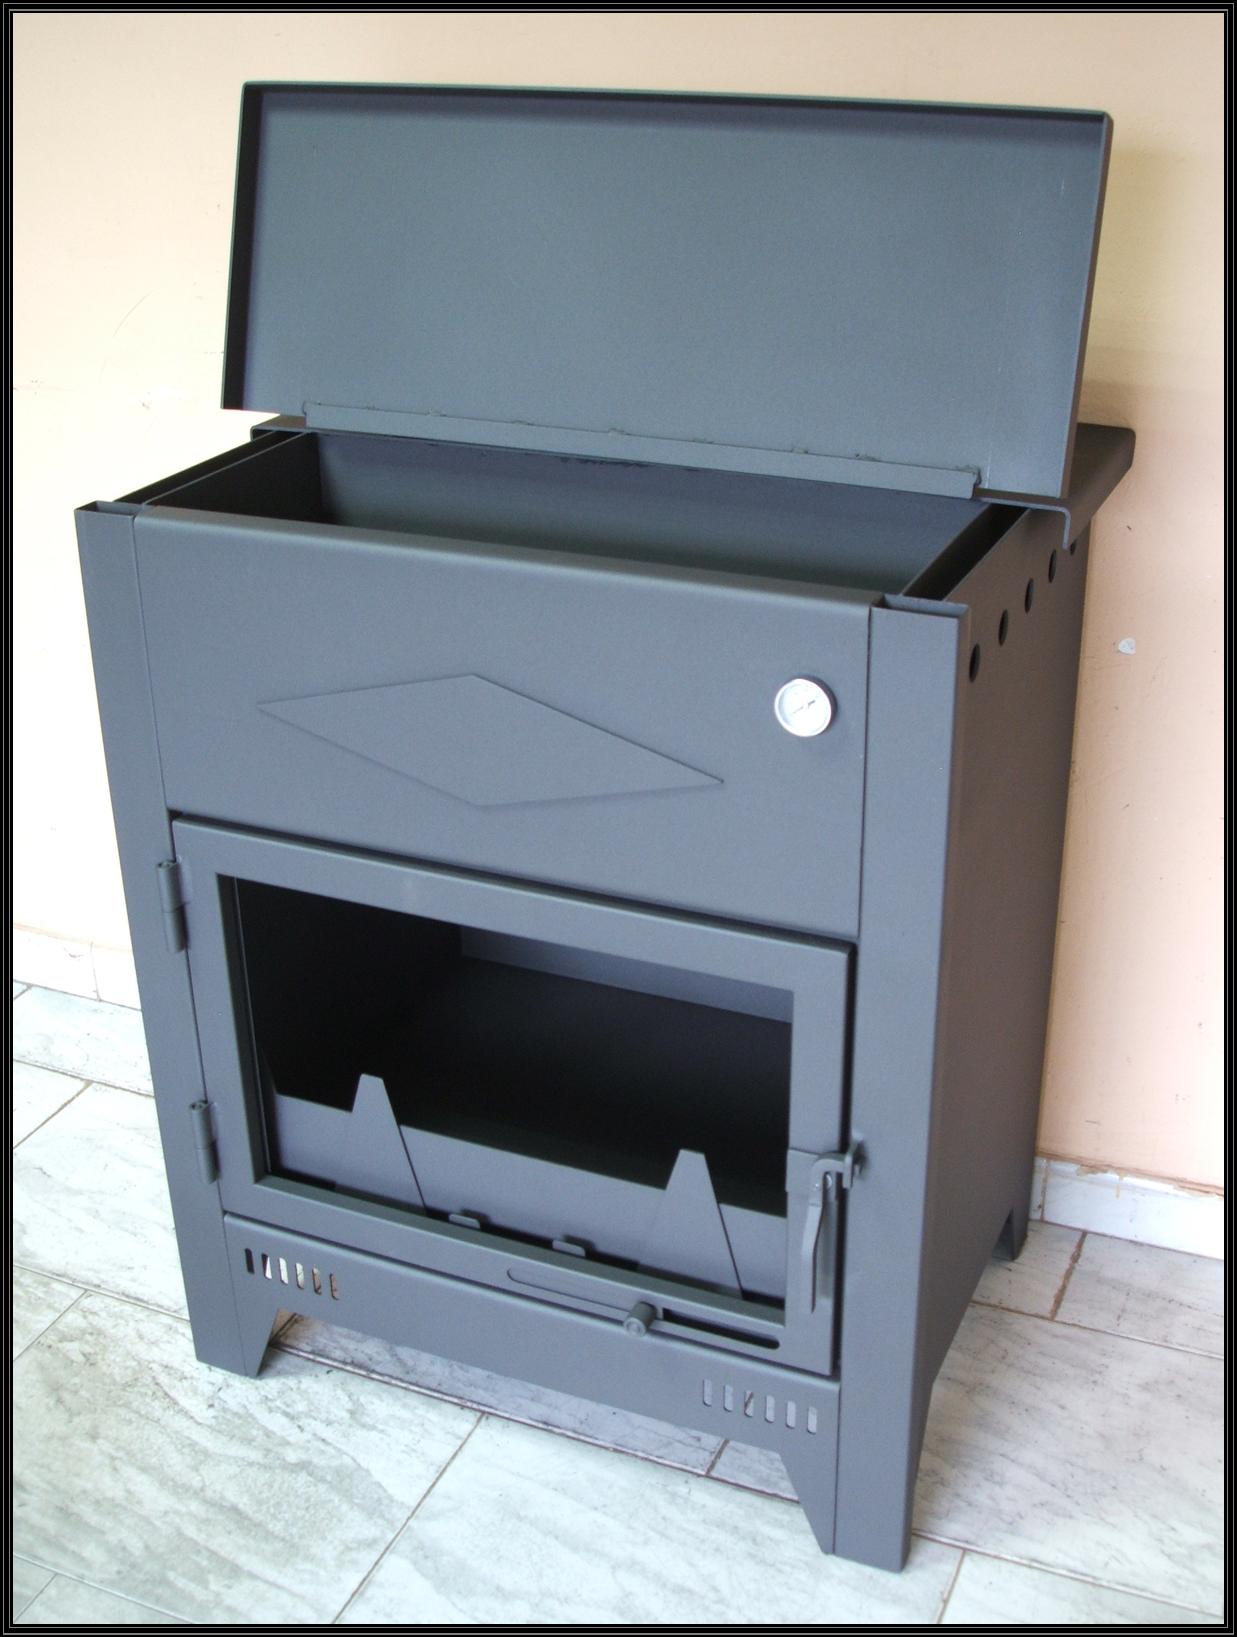 Chimeneas sierra estufa de acero modelo ht con horno de - Chimeneas de acero ...